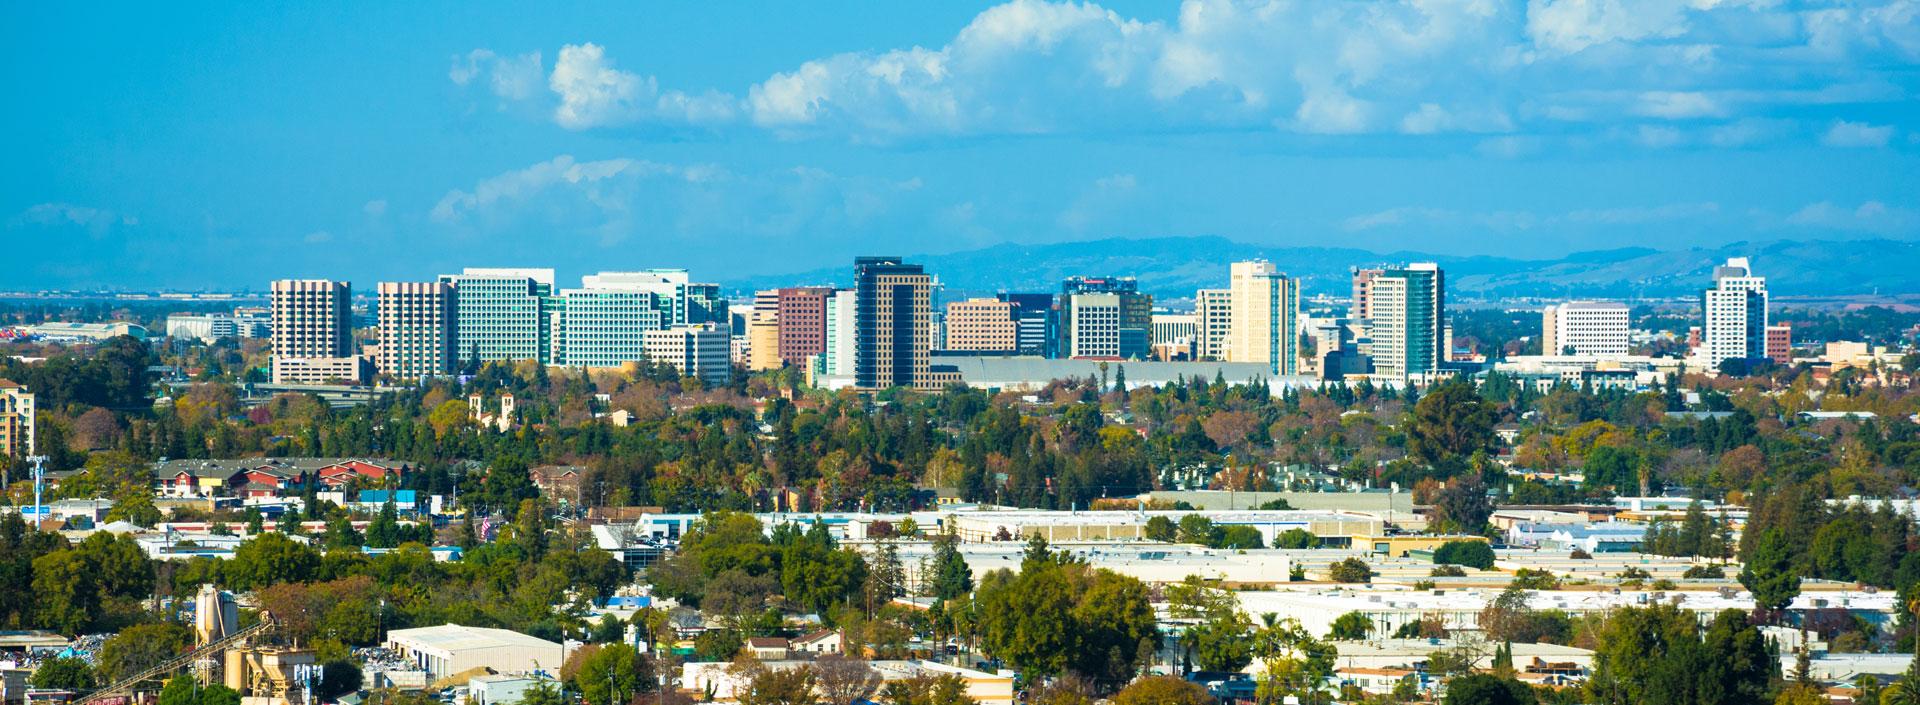 CA Collective  San Jose Medicinal Cannabis Collective